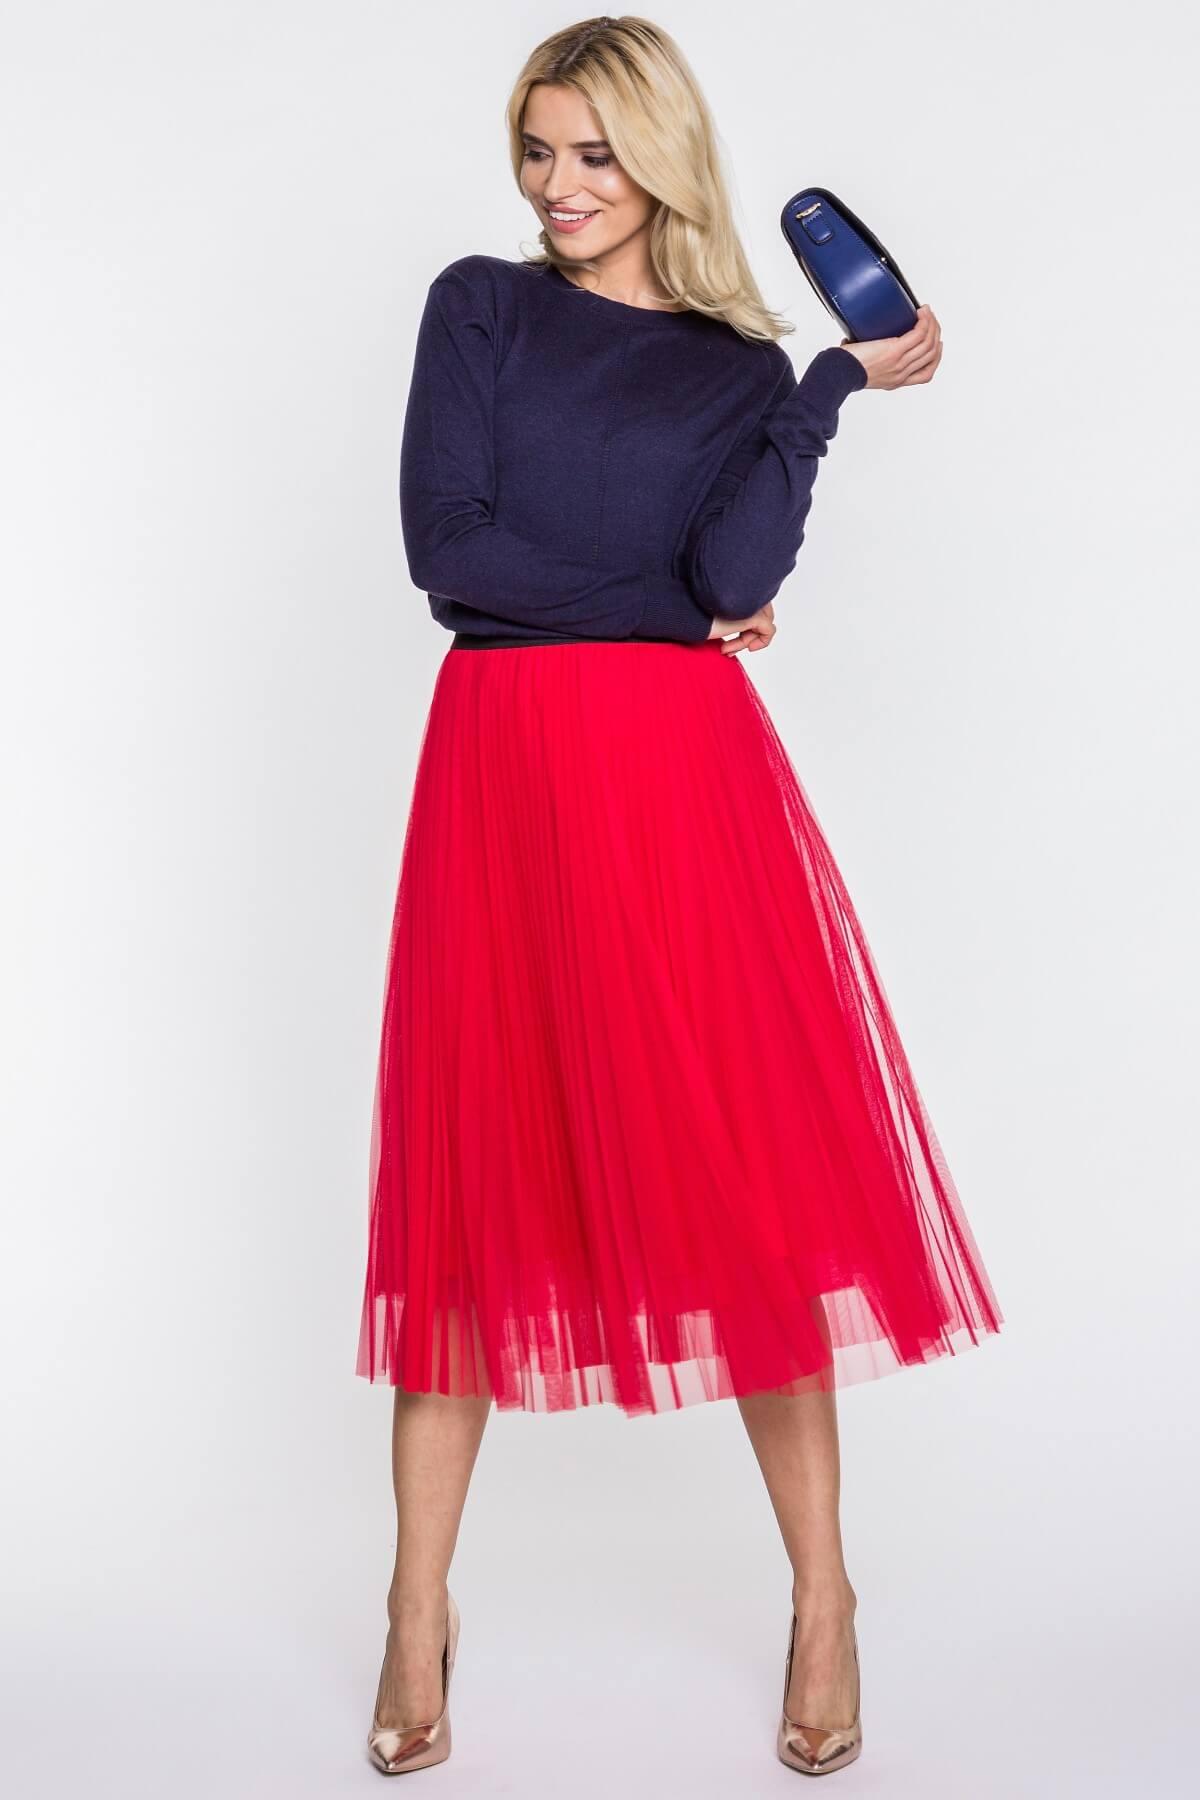 591c5cd7 Plisowana spódnica z szyfonu na wesele - Blog o modzie, urodzie i stylu